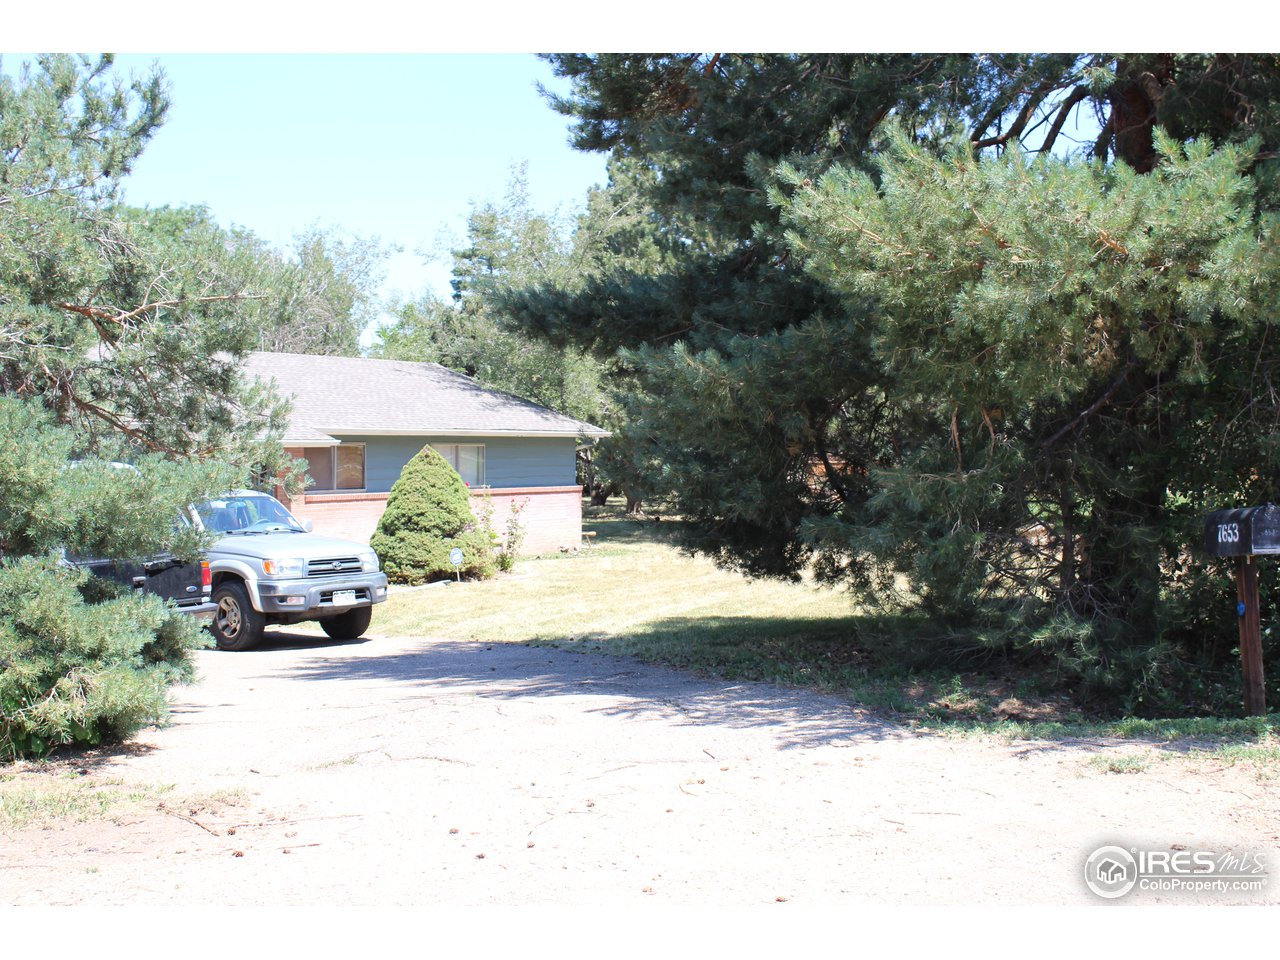 7653 Baseline Rd, Boulder CO 80303